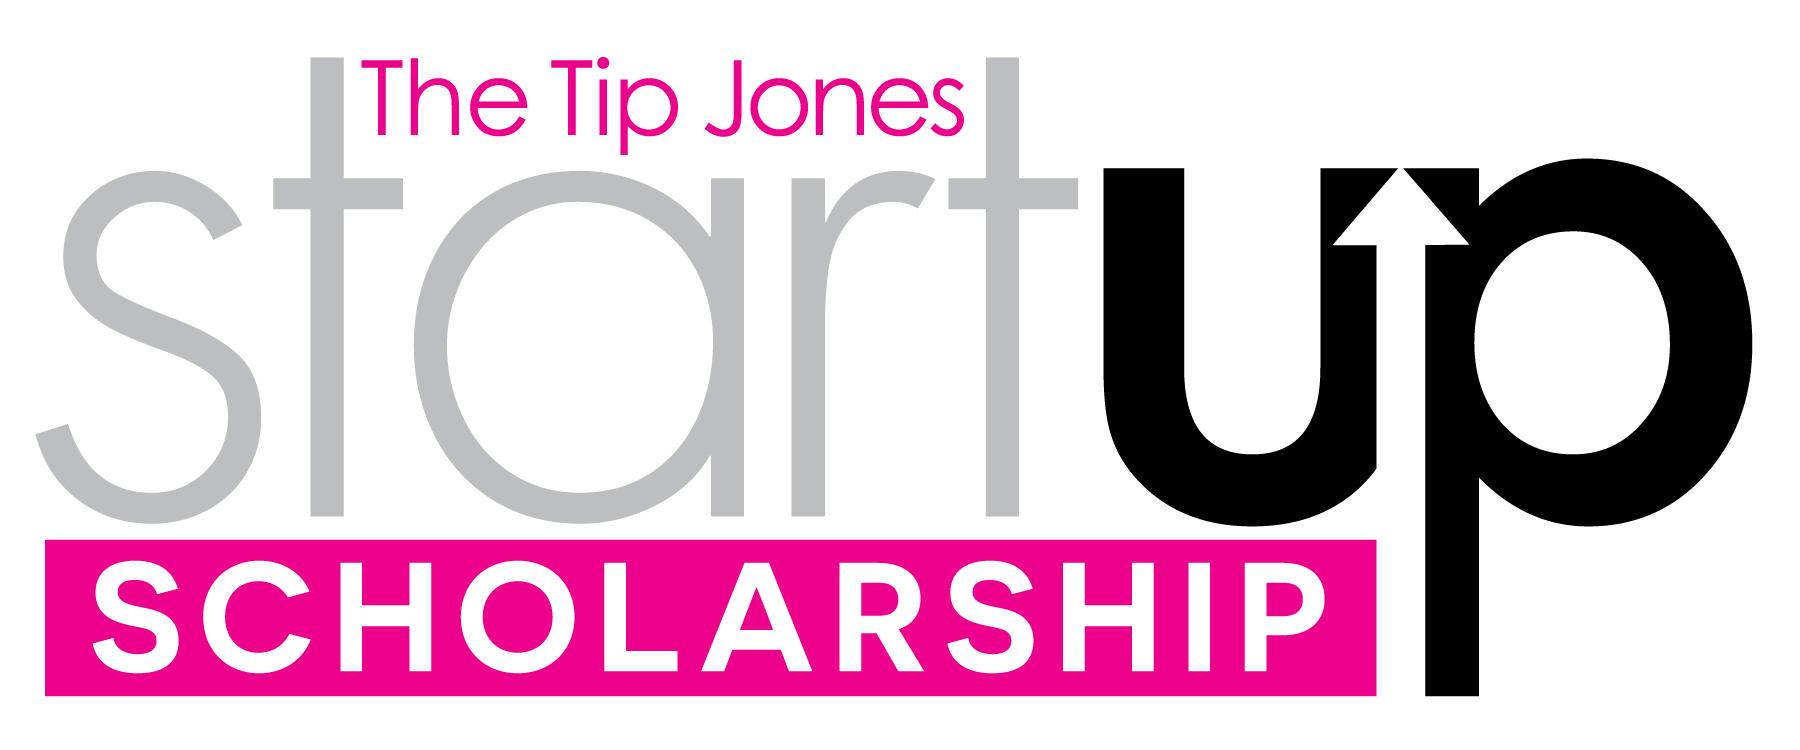 Tip Jones Startup Scholarship